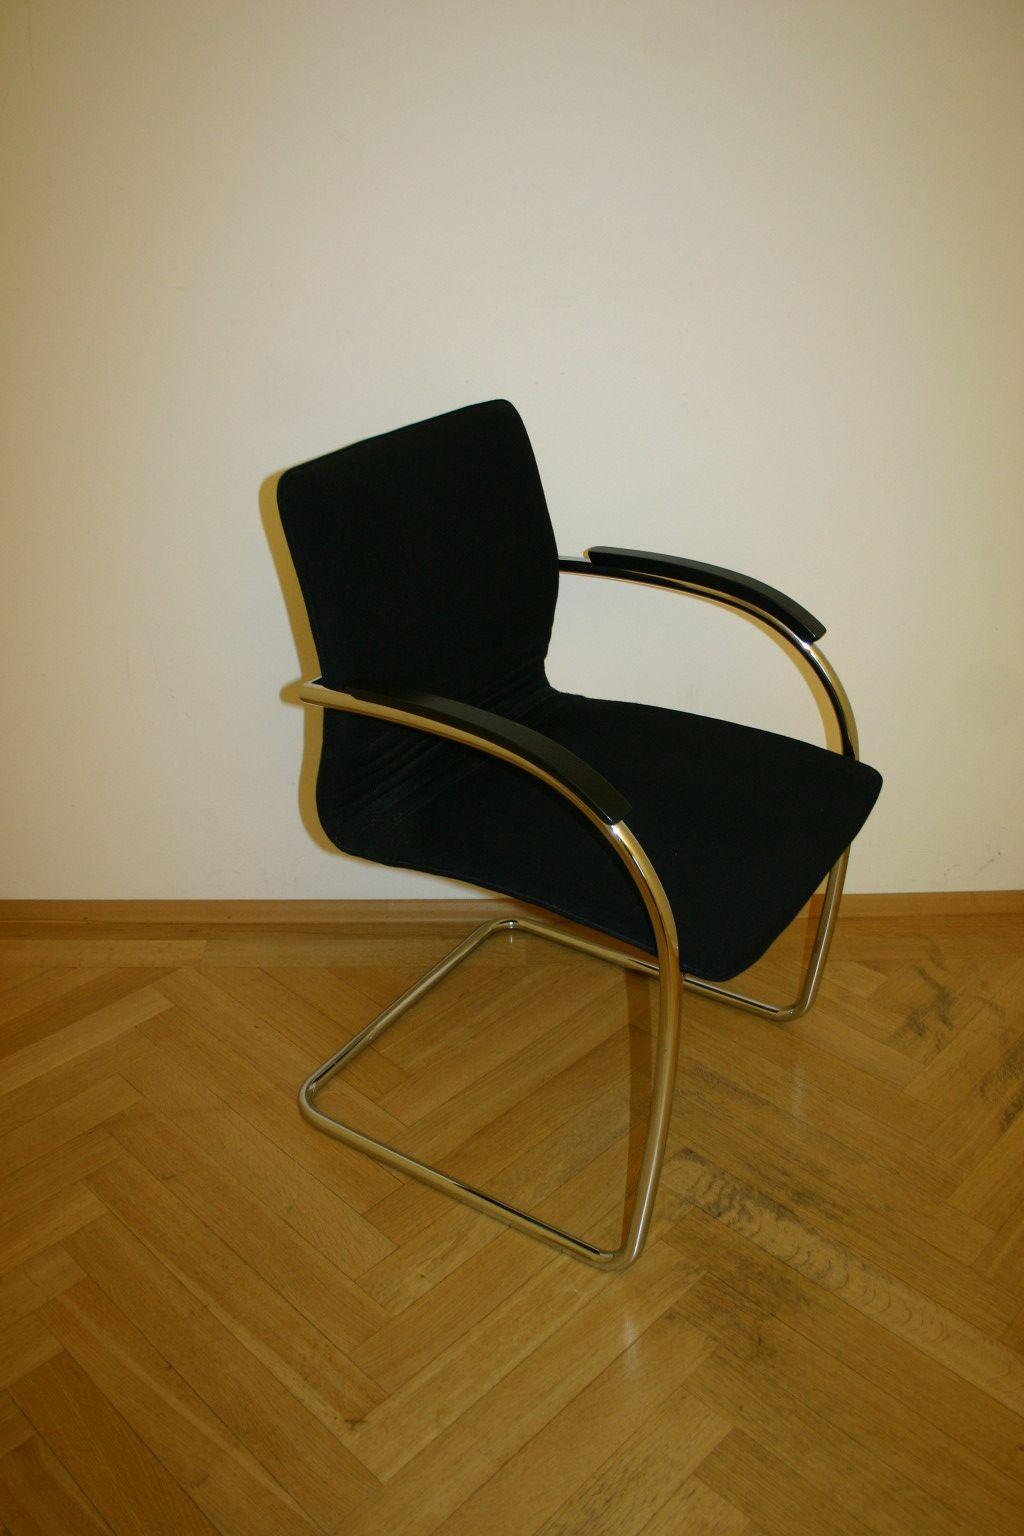 stapelstuhl in schwarz von thonet modell s79. Black Bedroom Furniture Sets. Home Design Ideas